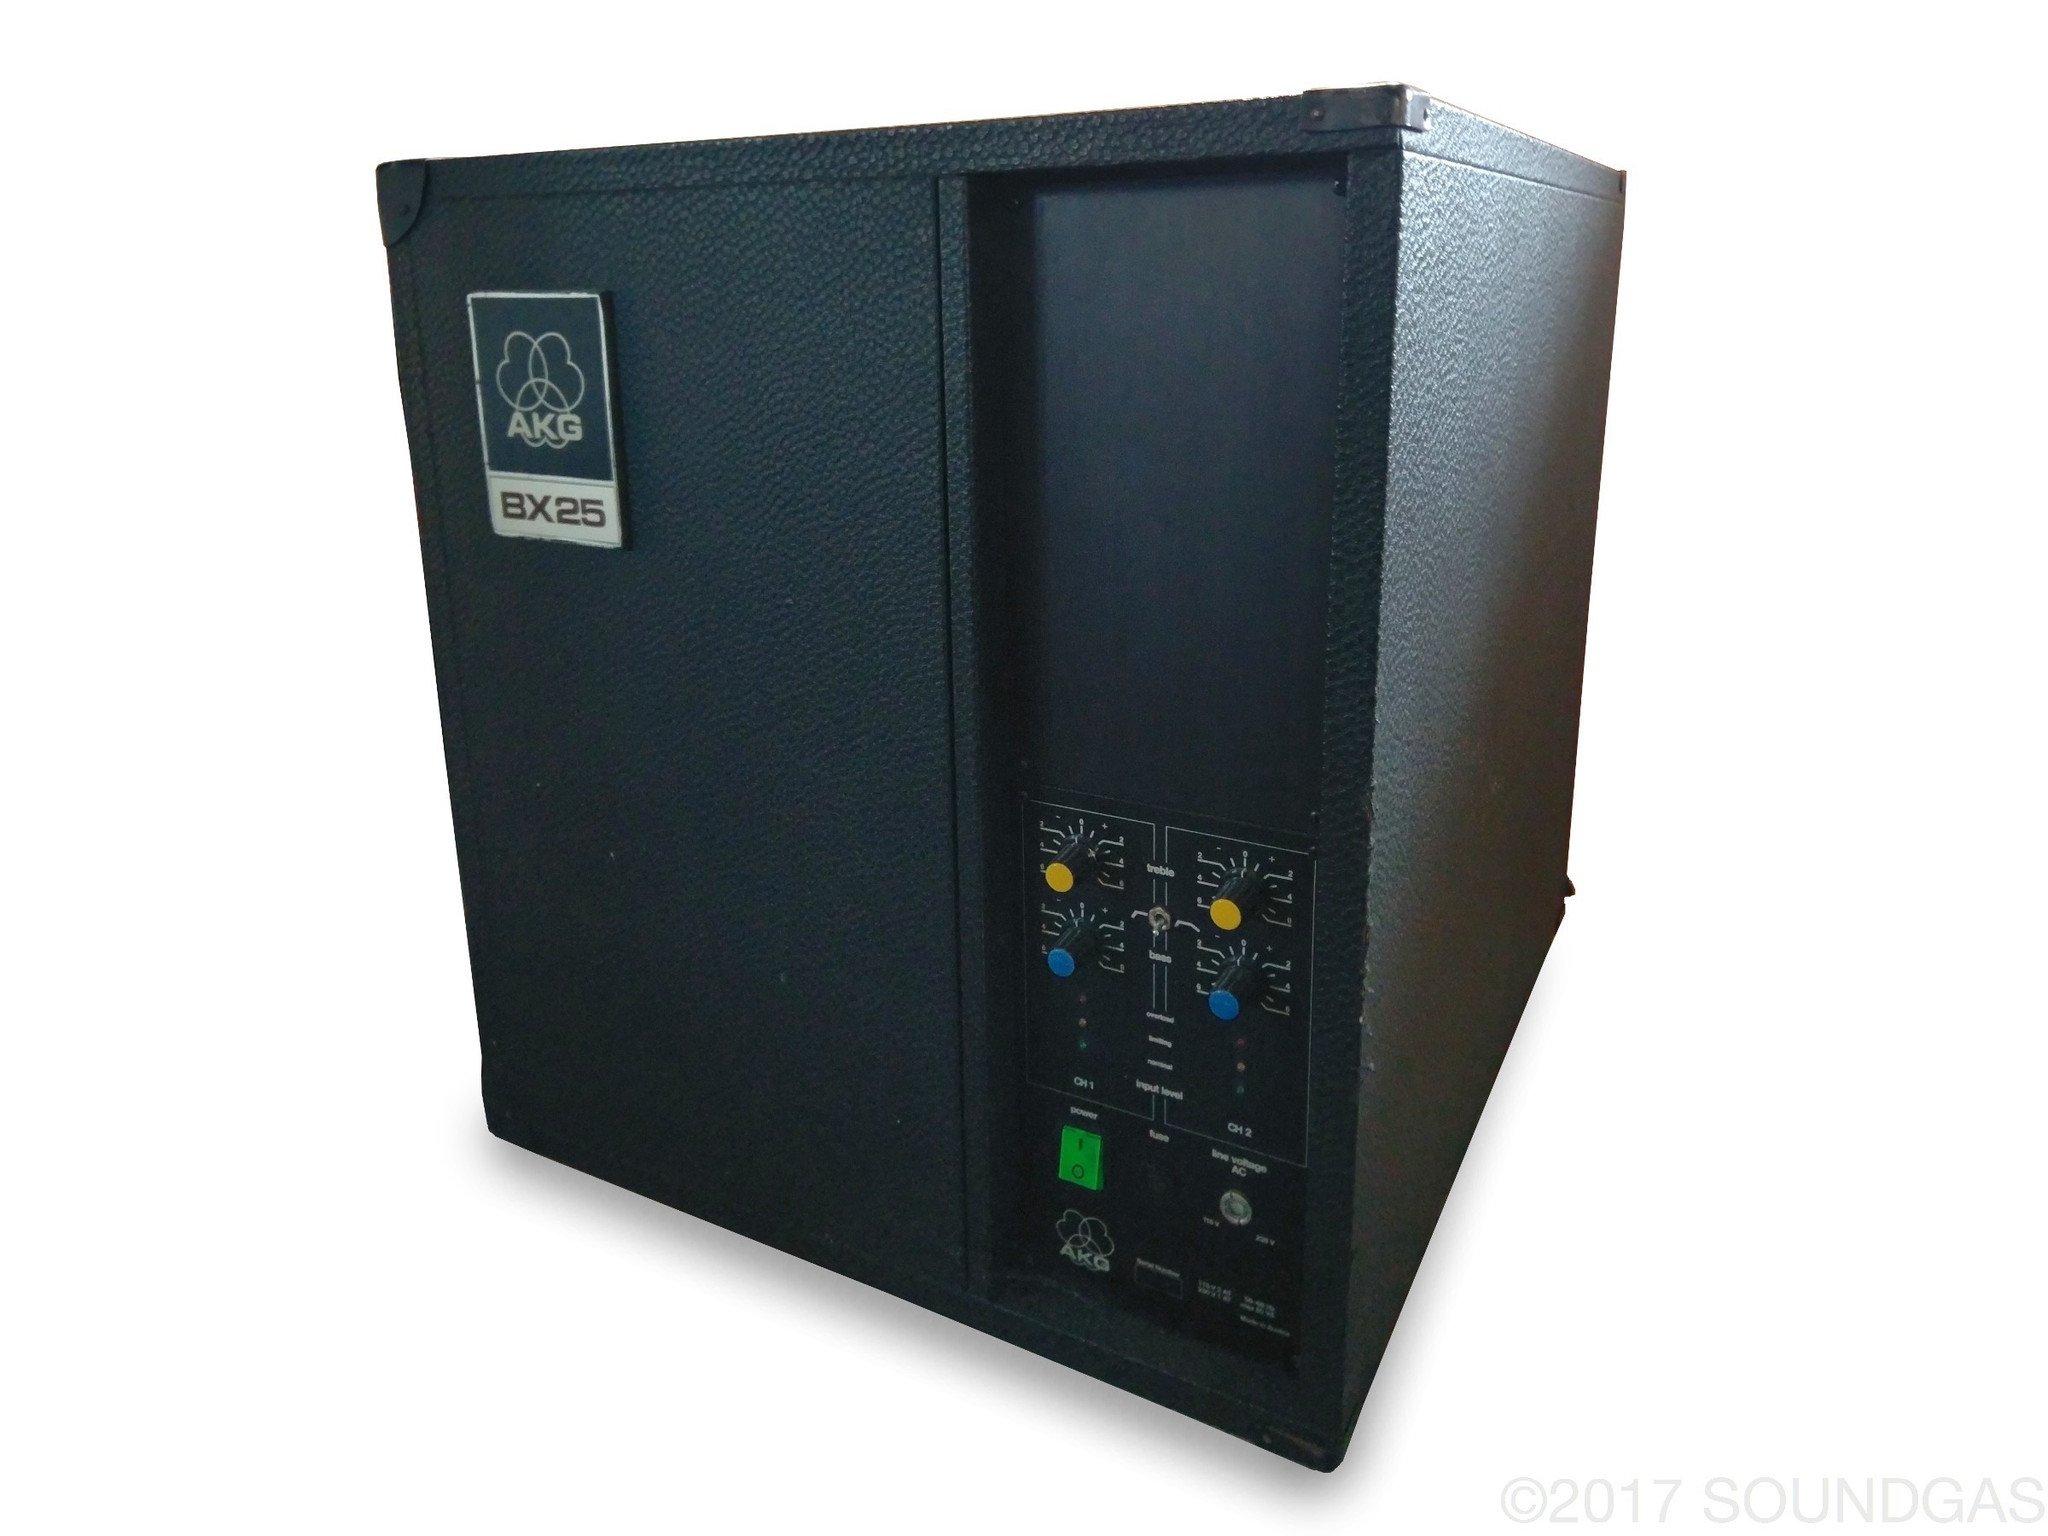 AKG-BX25-Spring-Reverb-Signal-Processor-Cover-2